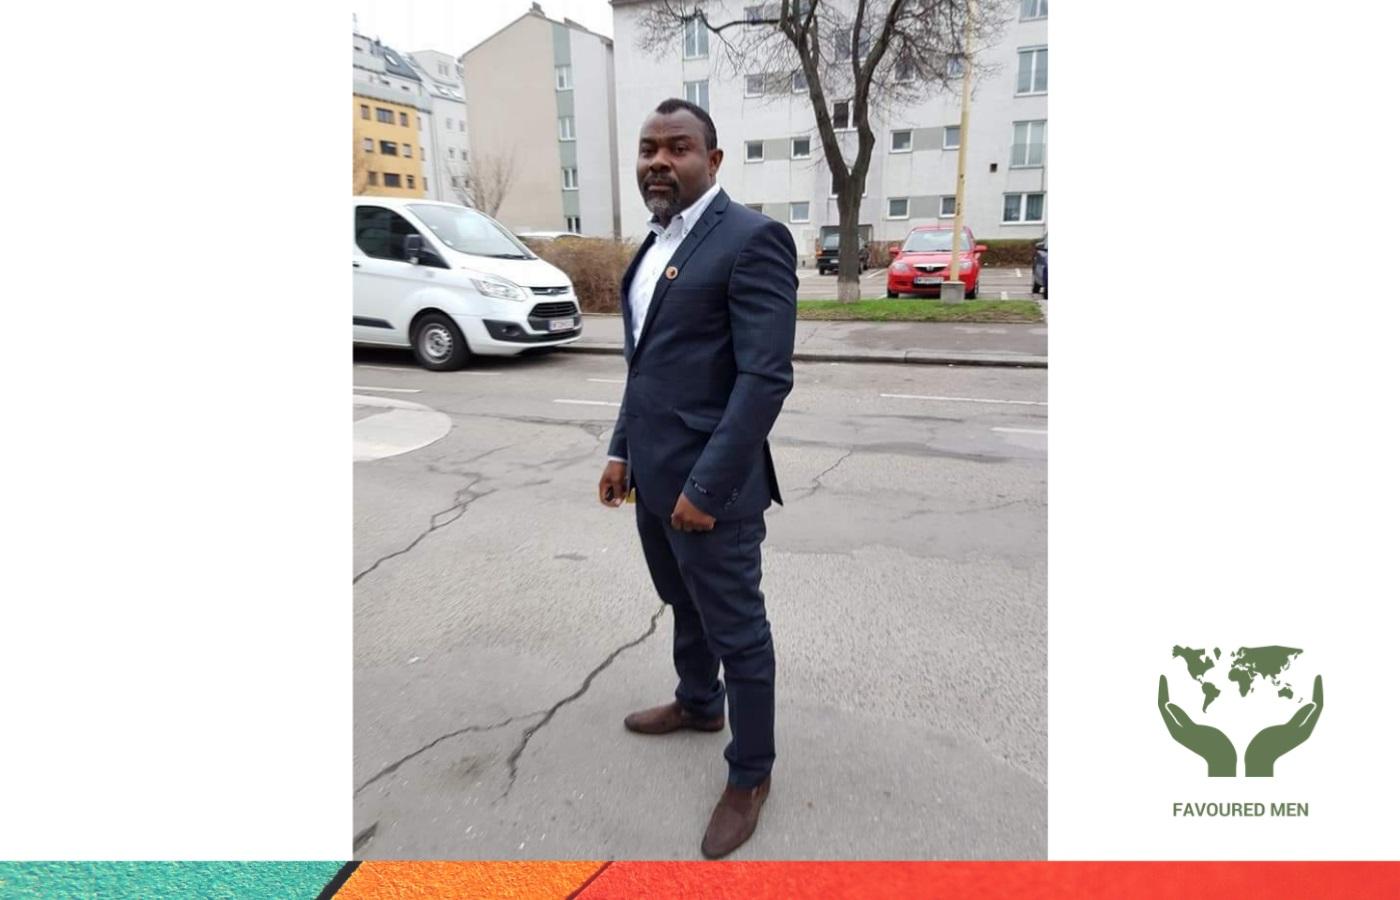 About Favoured Men ngo website NGO Afrika (Favoured Men) NGO österreich (Favoured Men) Ewaen Etinosa